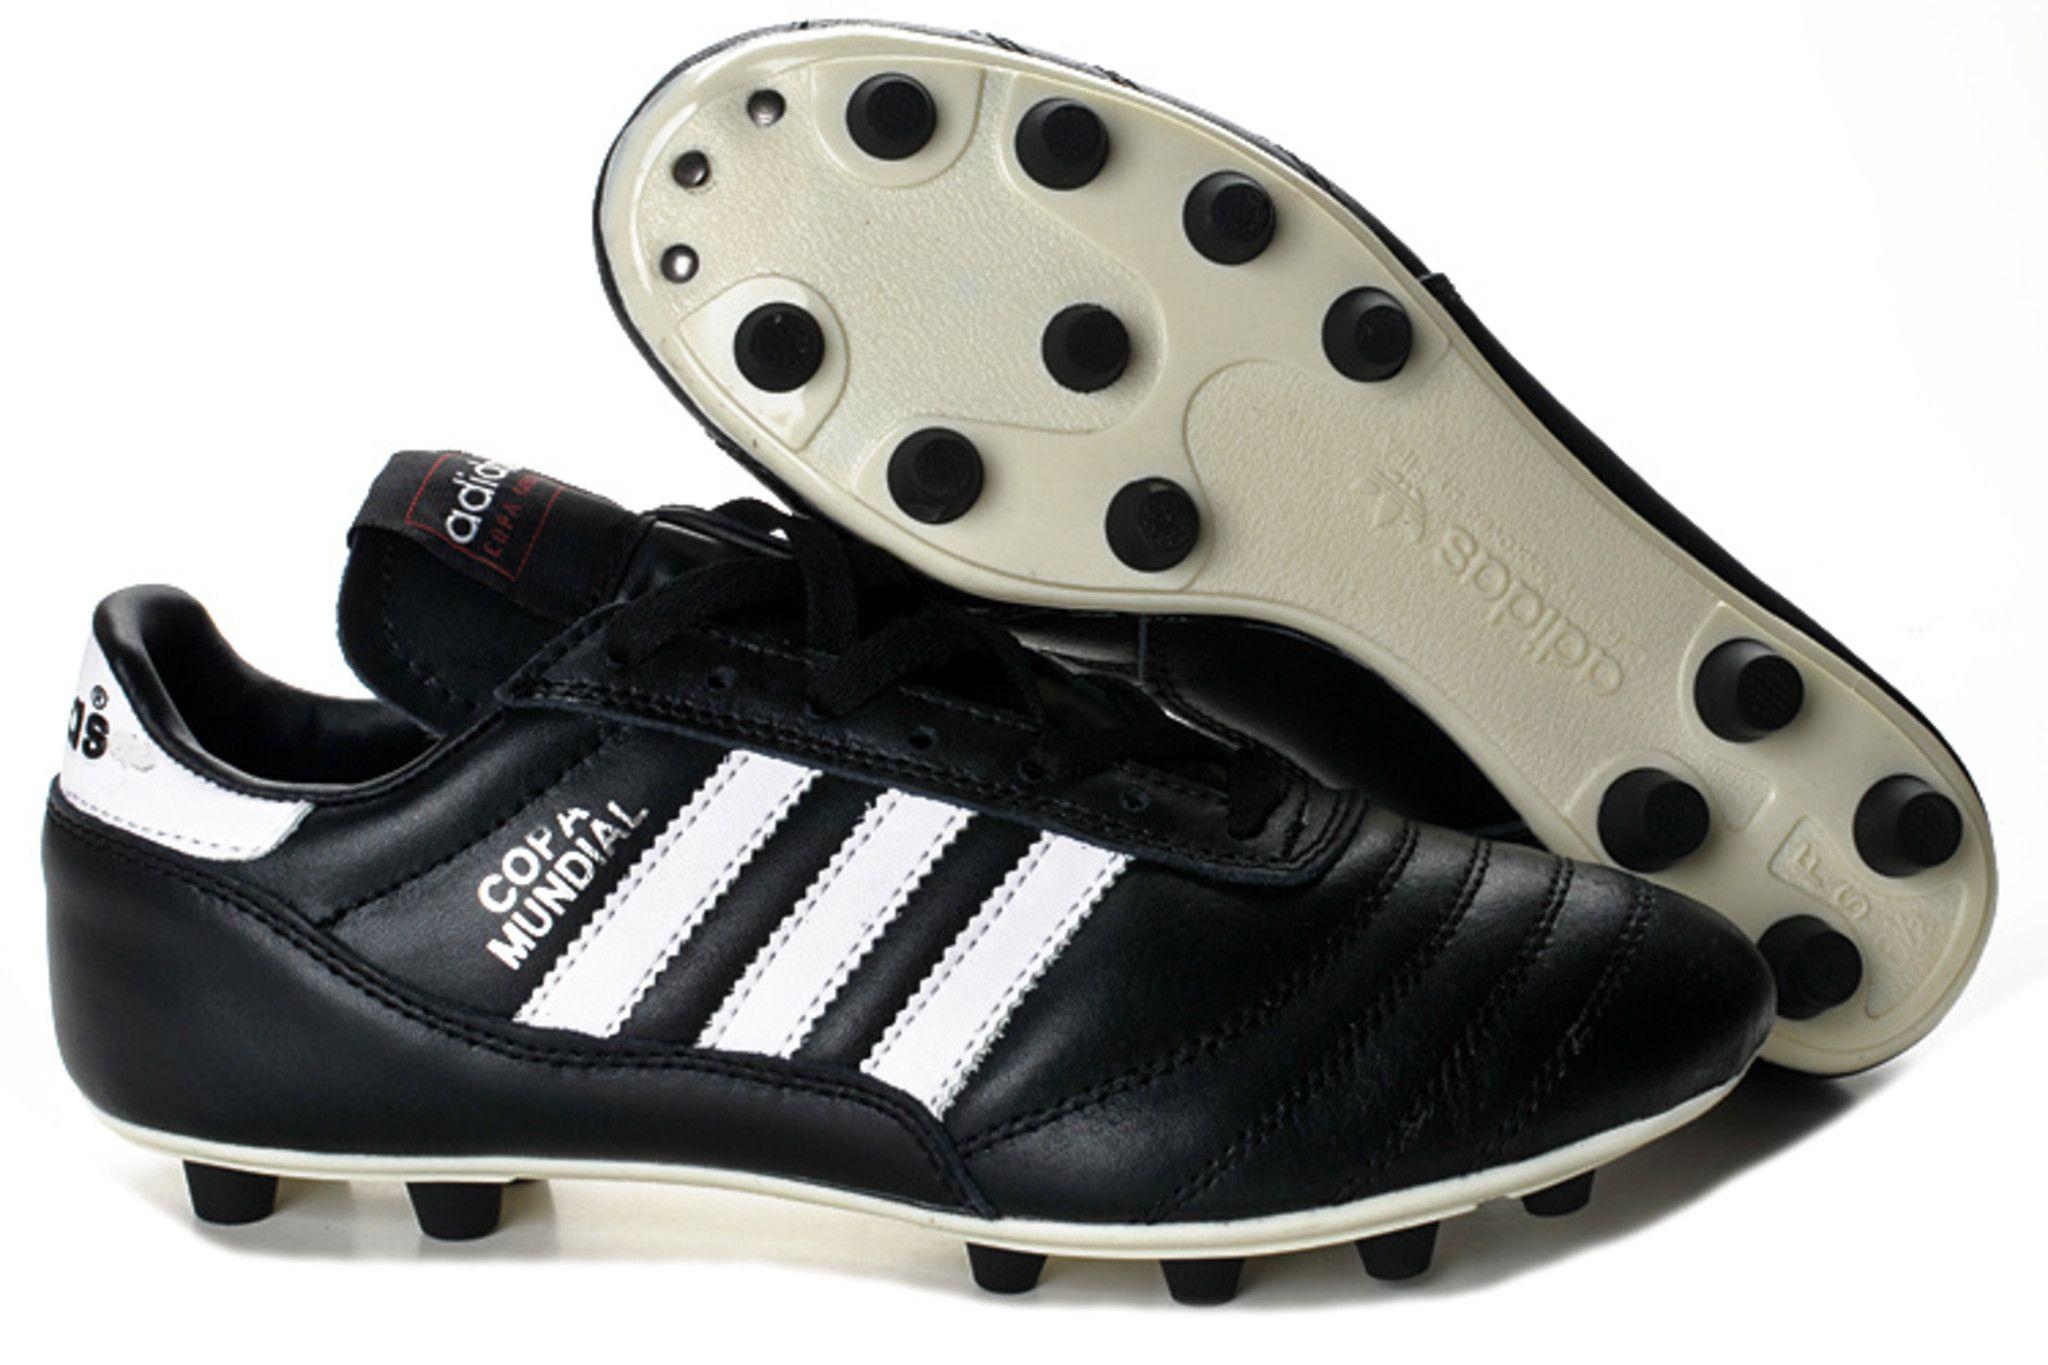 scarpa calcio adidas copa mundial